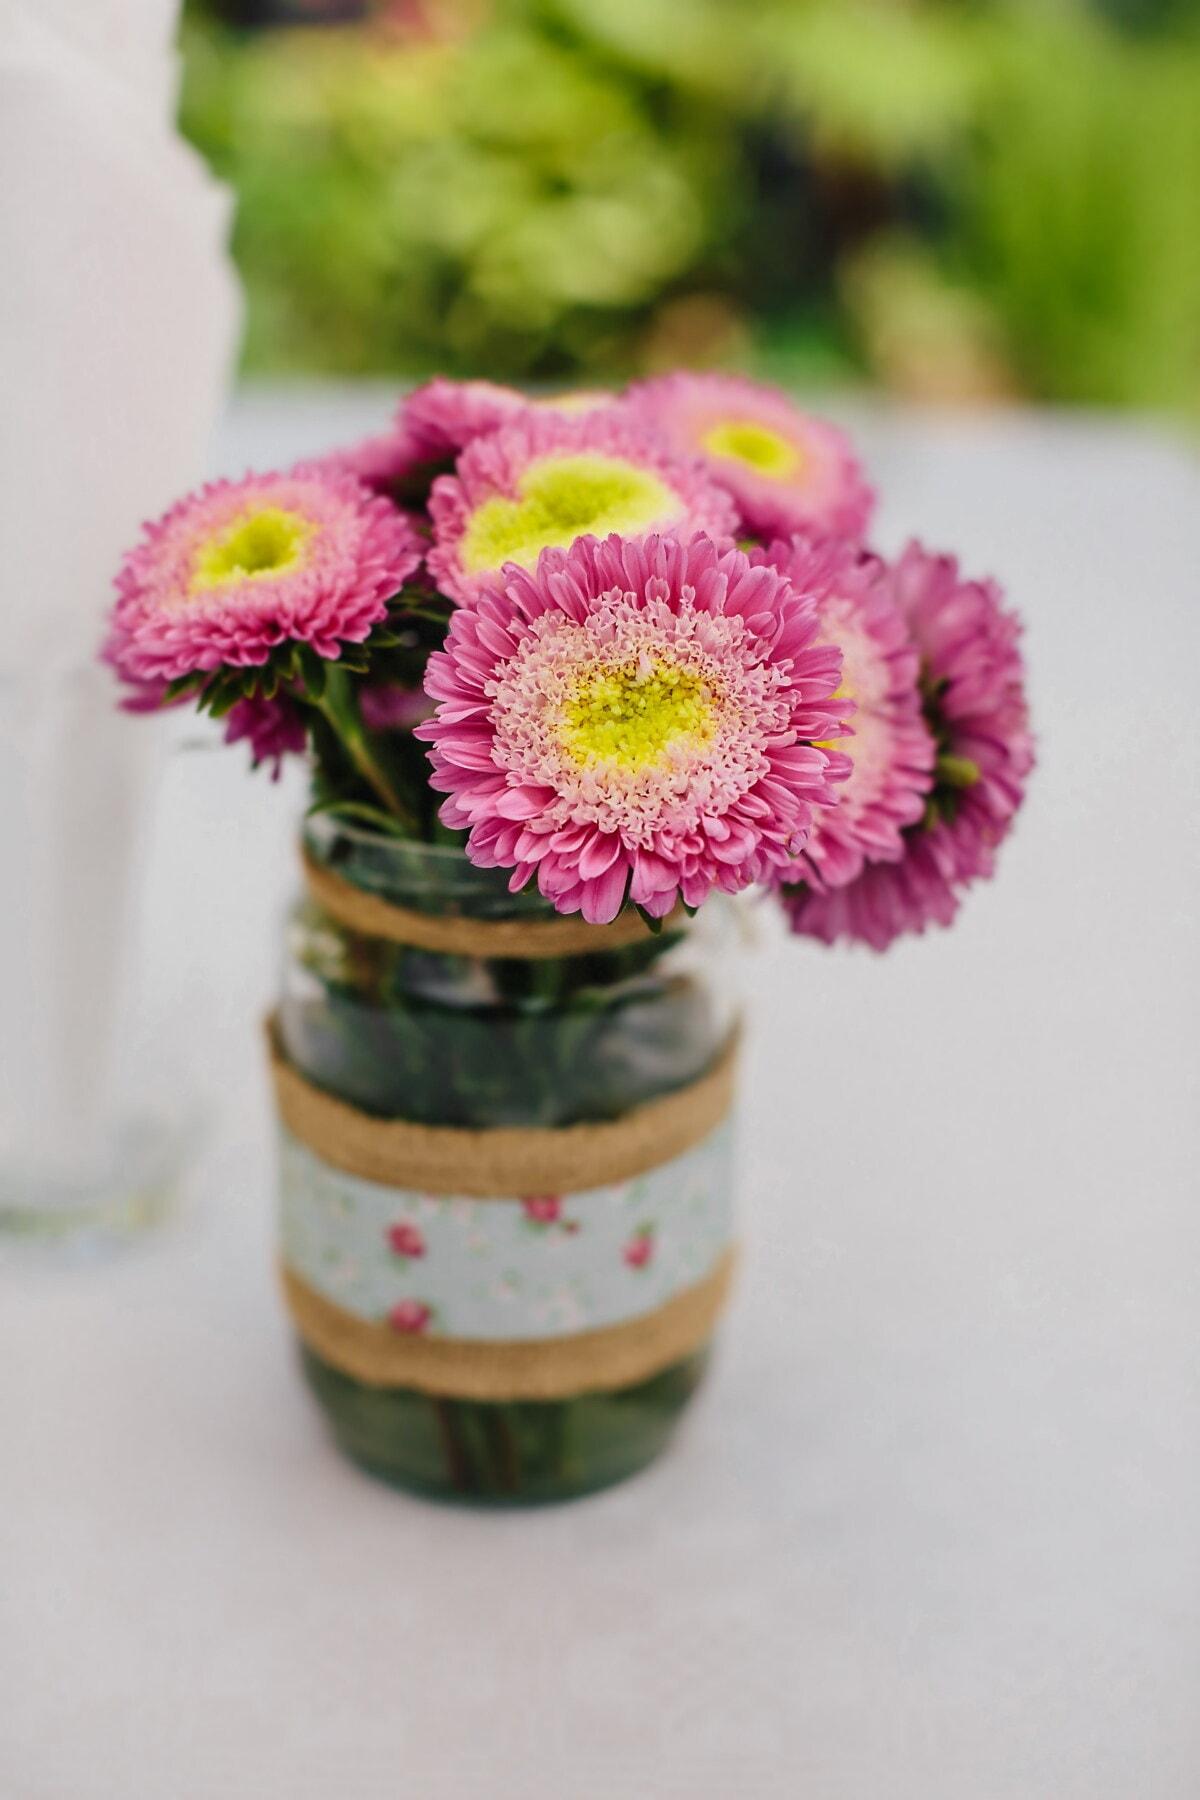 Vase, Glas, Jahrgang, Rosa, Blumenstrauß, Blumen, Rosa, Natur, Blume, Still-Leben